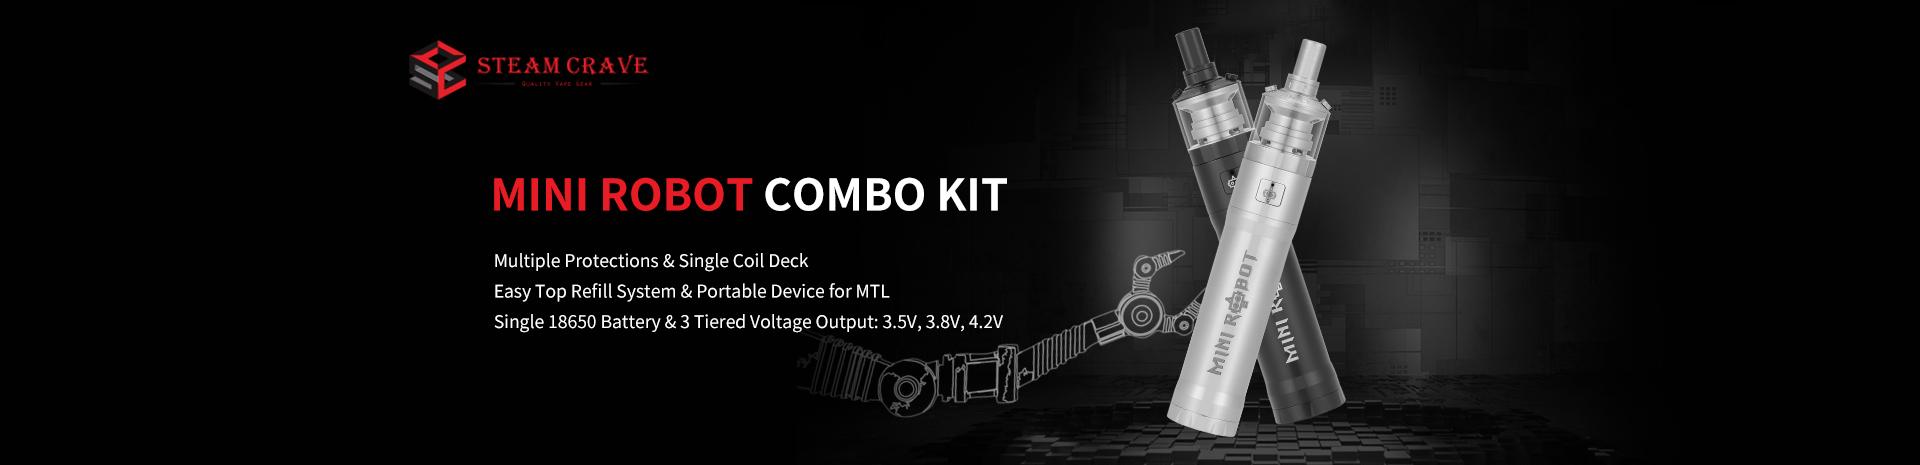 Steam Crave Mini Robot Combo Kit Banner